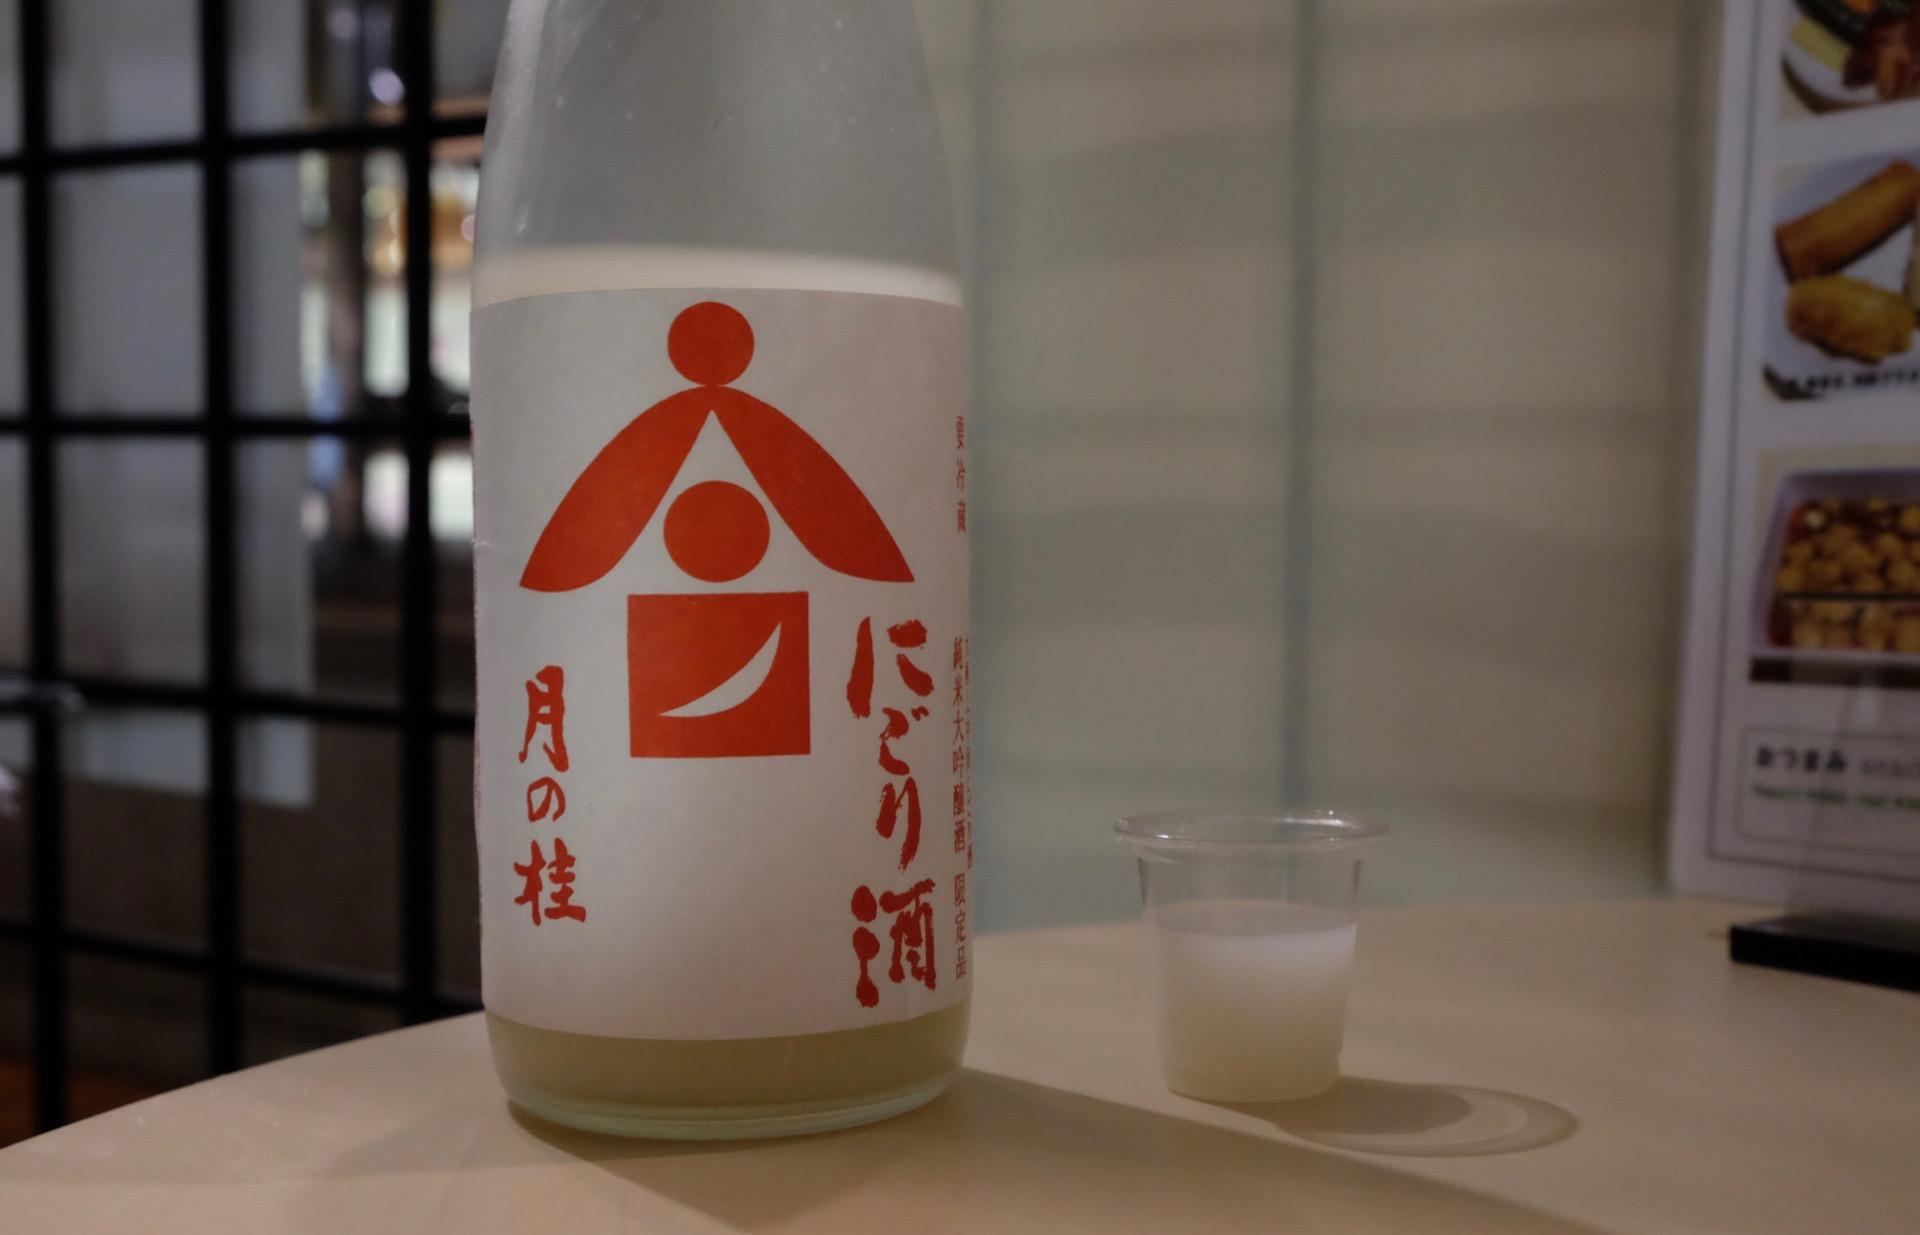 月の桂 祝米・純米大吟醸にごり酒|日本酒テイスティングノート